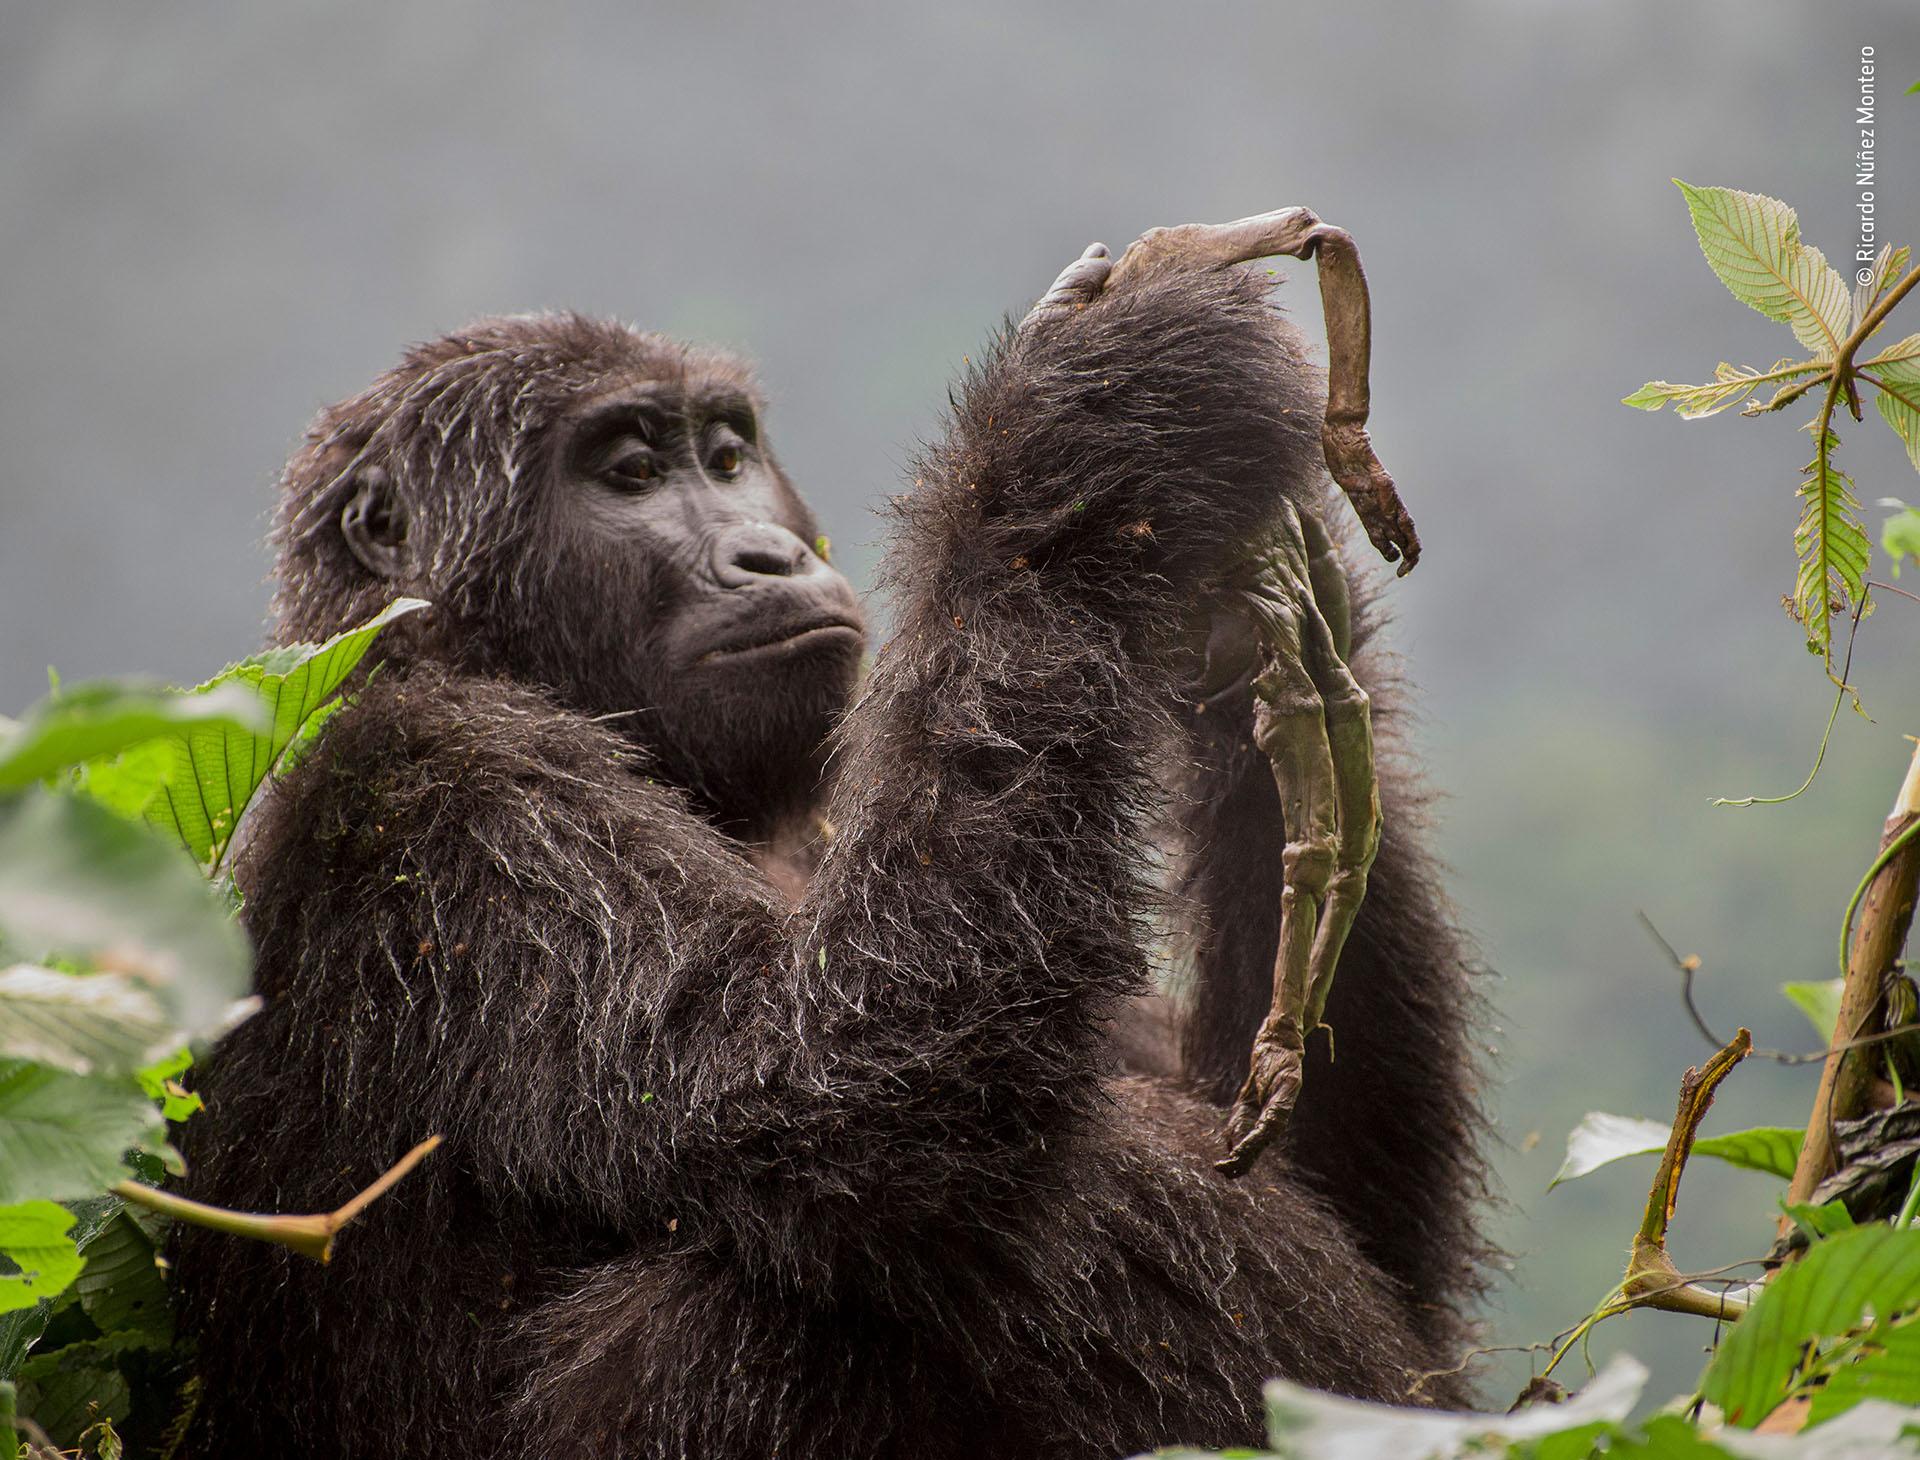 """Ricardo Núñez Montero (España), categoría Comportamiento de mamíferos. """"Kuhirwa llora a su bebé"""", una gorila sostiene los restos de su fallecida cría en Uganda"""